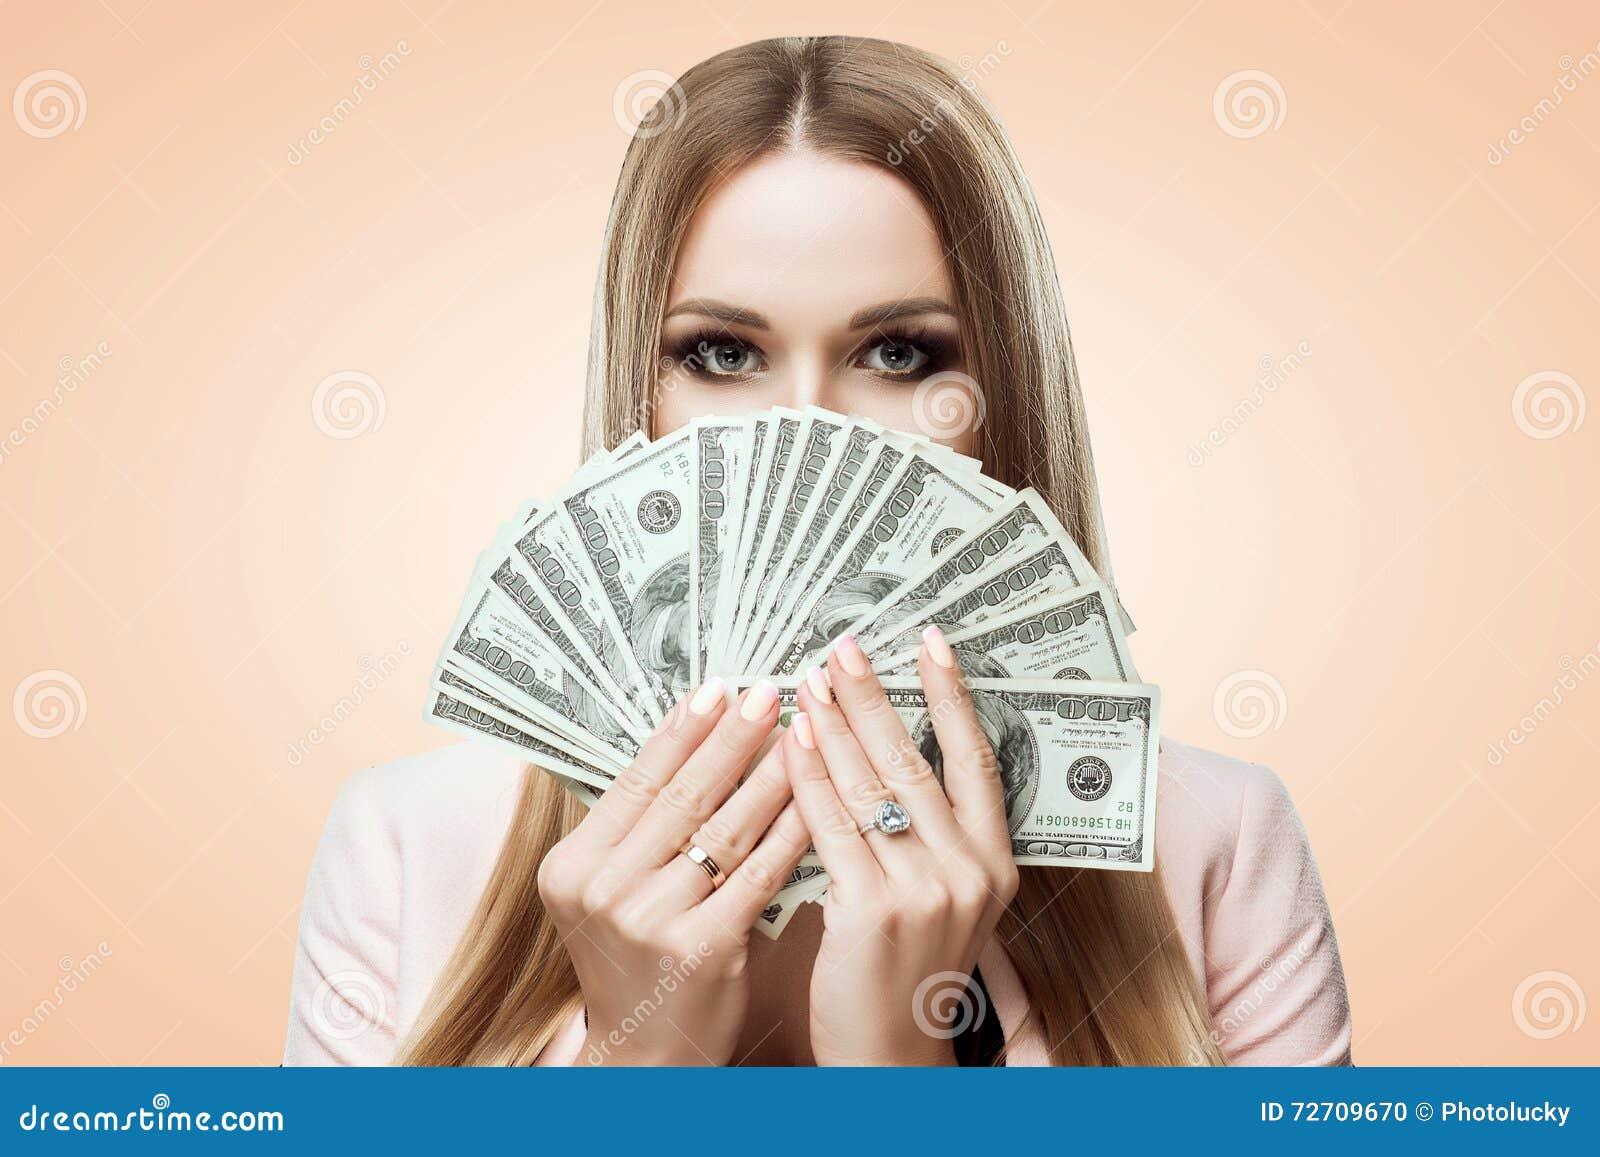 Девушки За Деньги